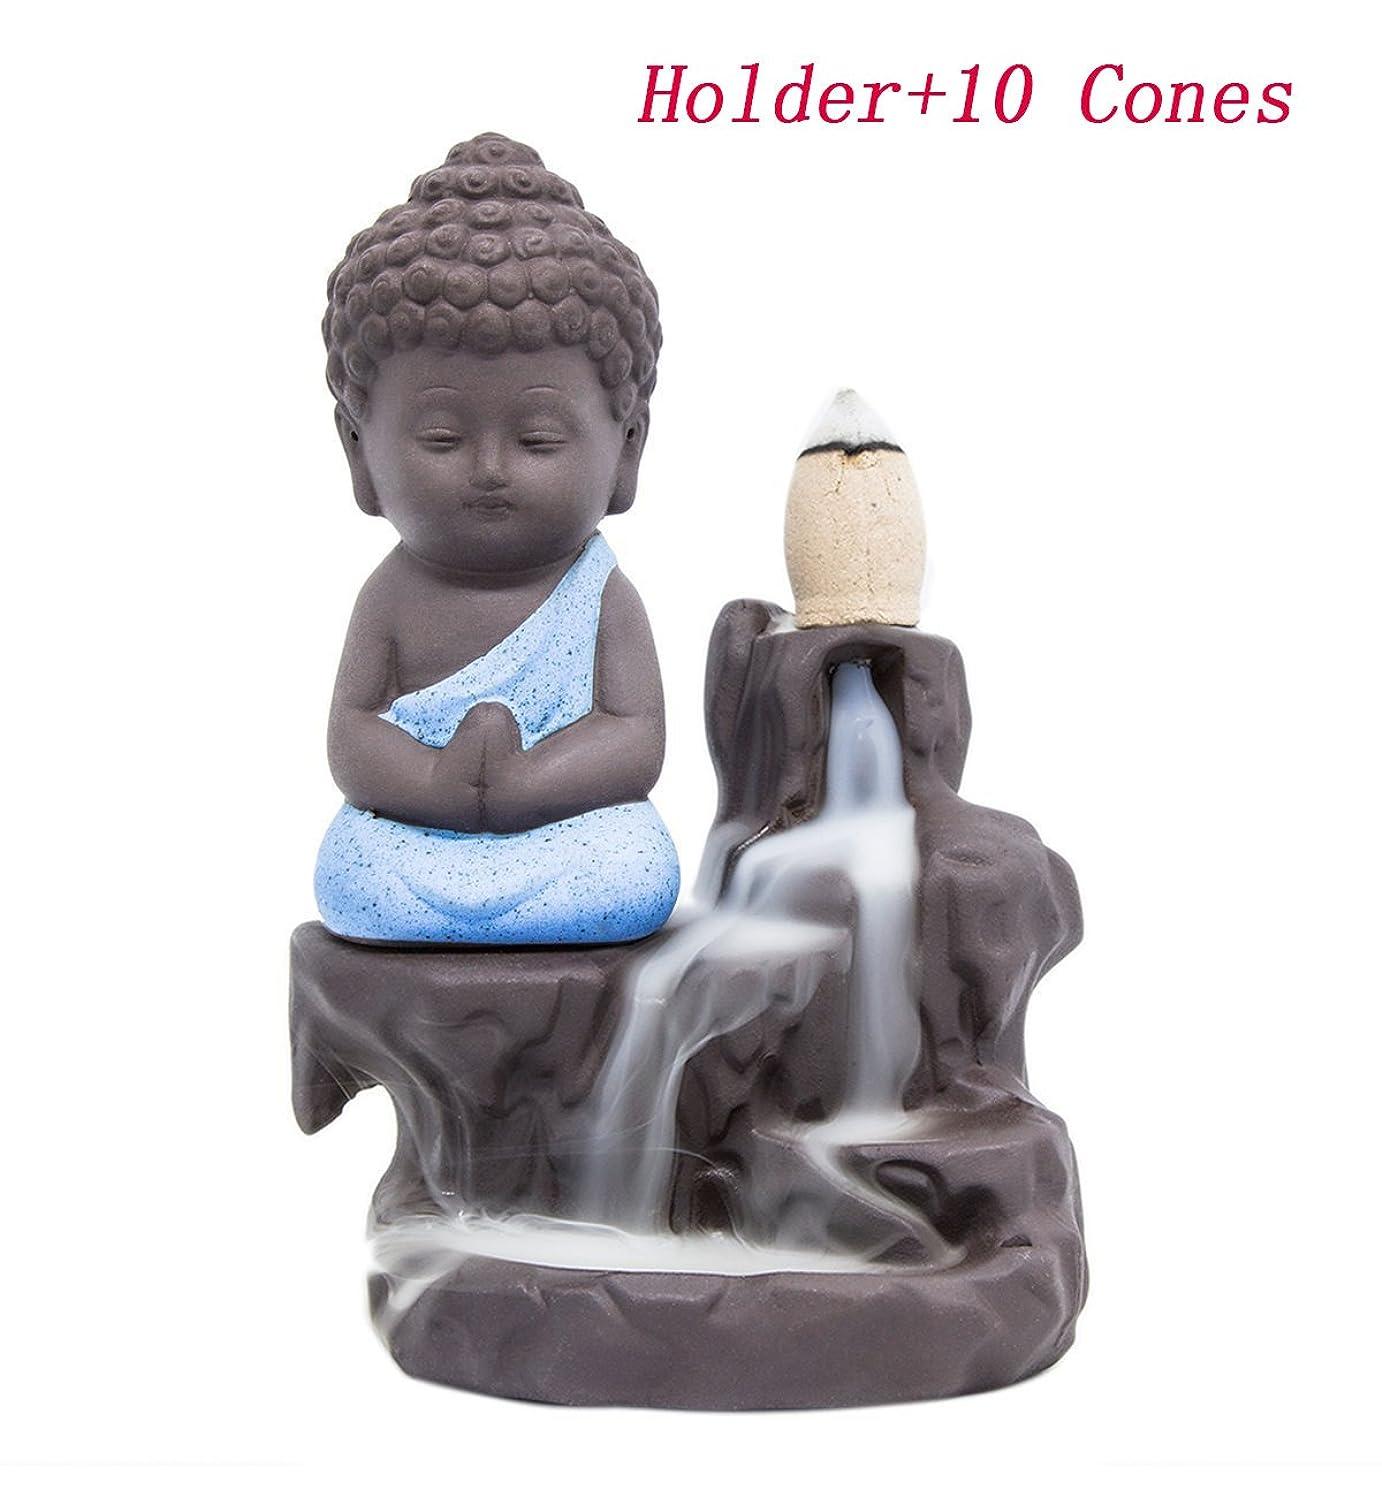 計器残酷北東Incense Burners Returnアロマセラピースティックホルダーセラミック磁器Monk Catcher ( 10?Varieties円錐とホルダー) ブルー